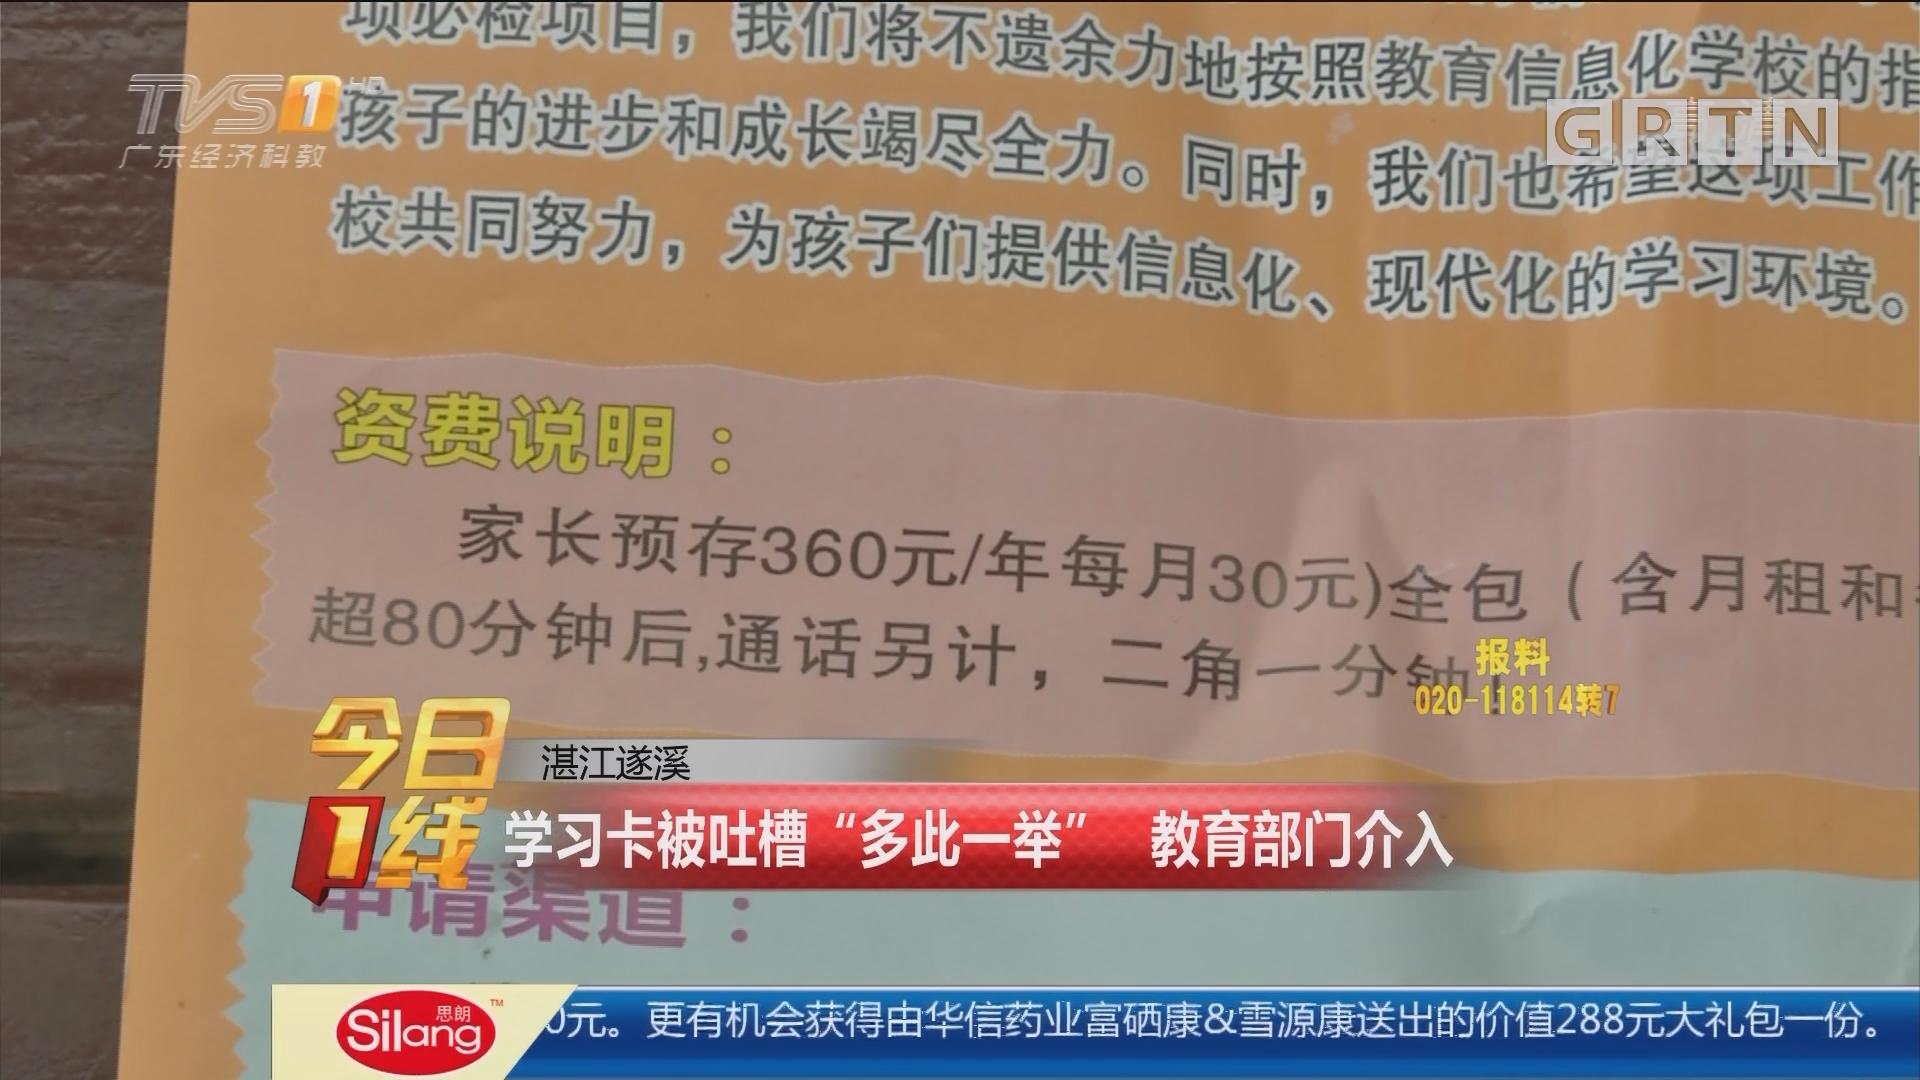 """湛江遂溪:学习卡被吐槽""""多此一举"""" 教育部门介入"""